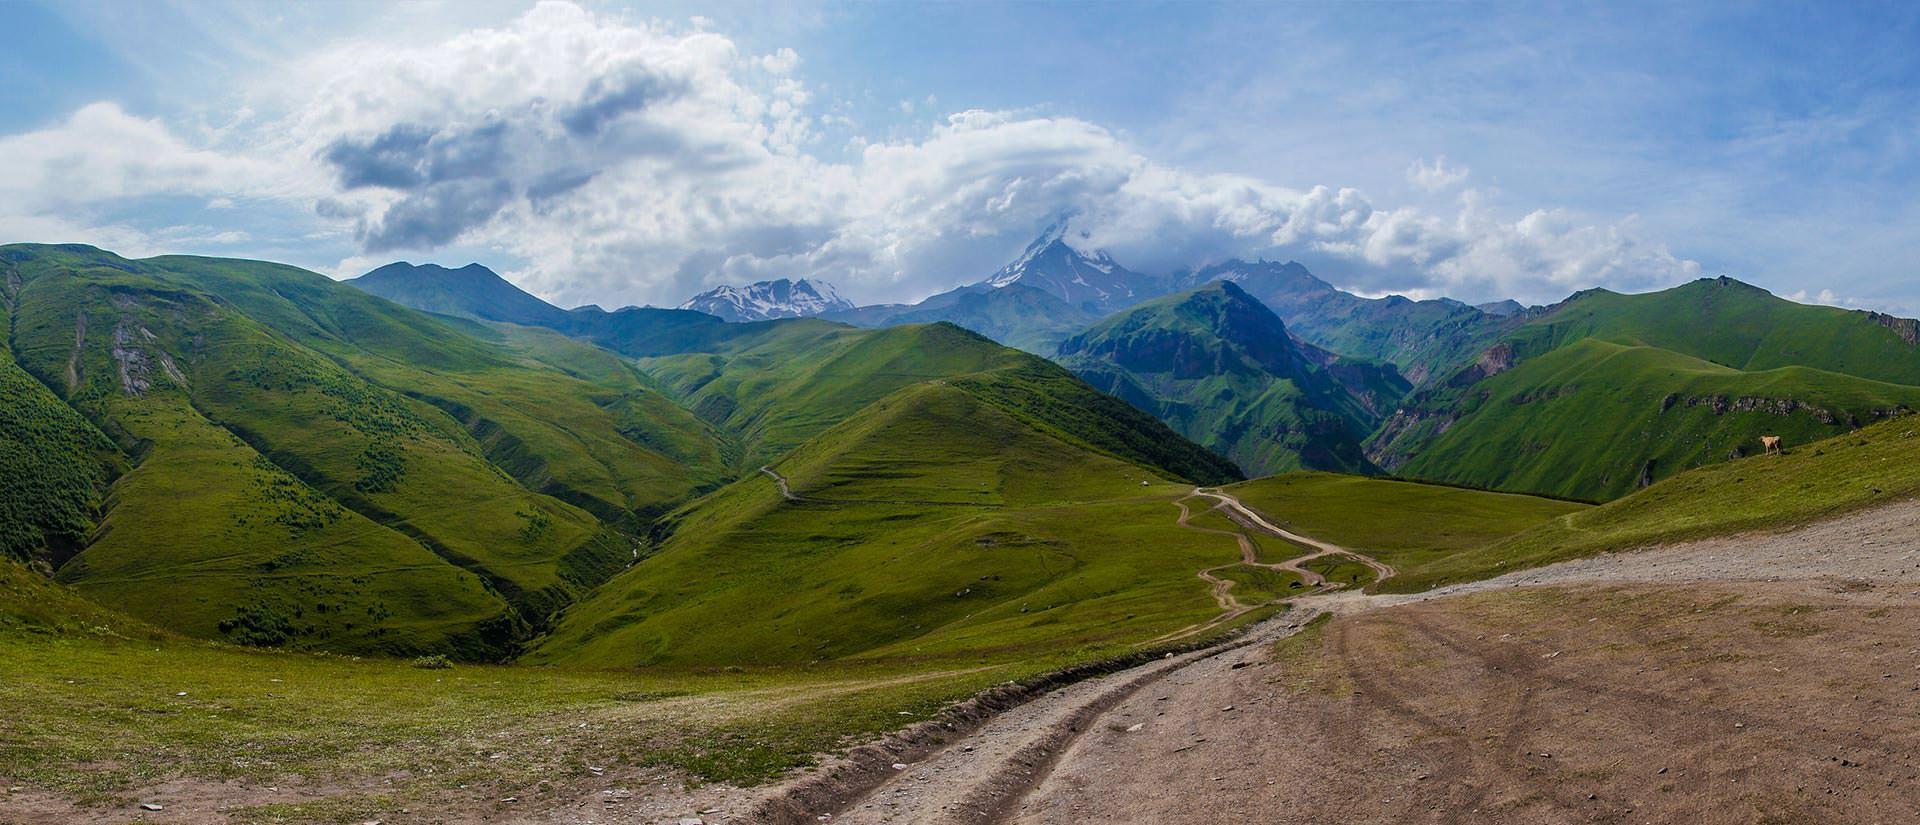 עשרה דברים מעניינים שכדאי לדעת על גאורגיה